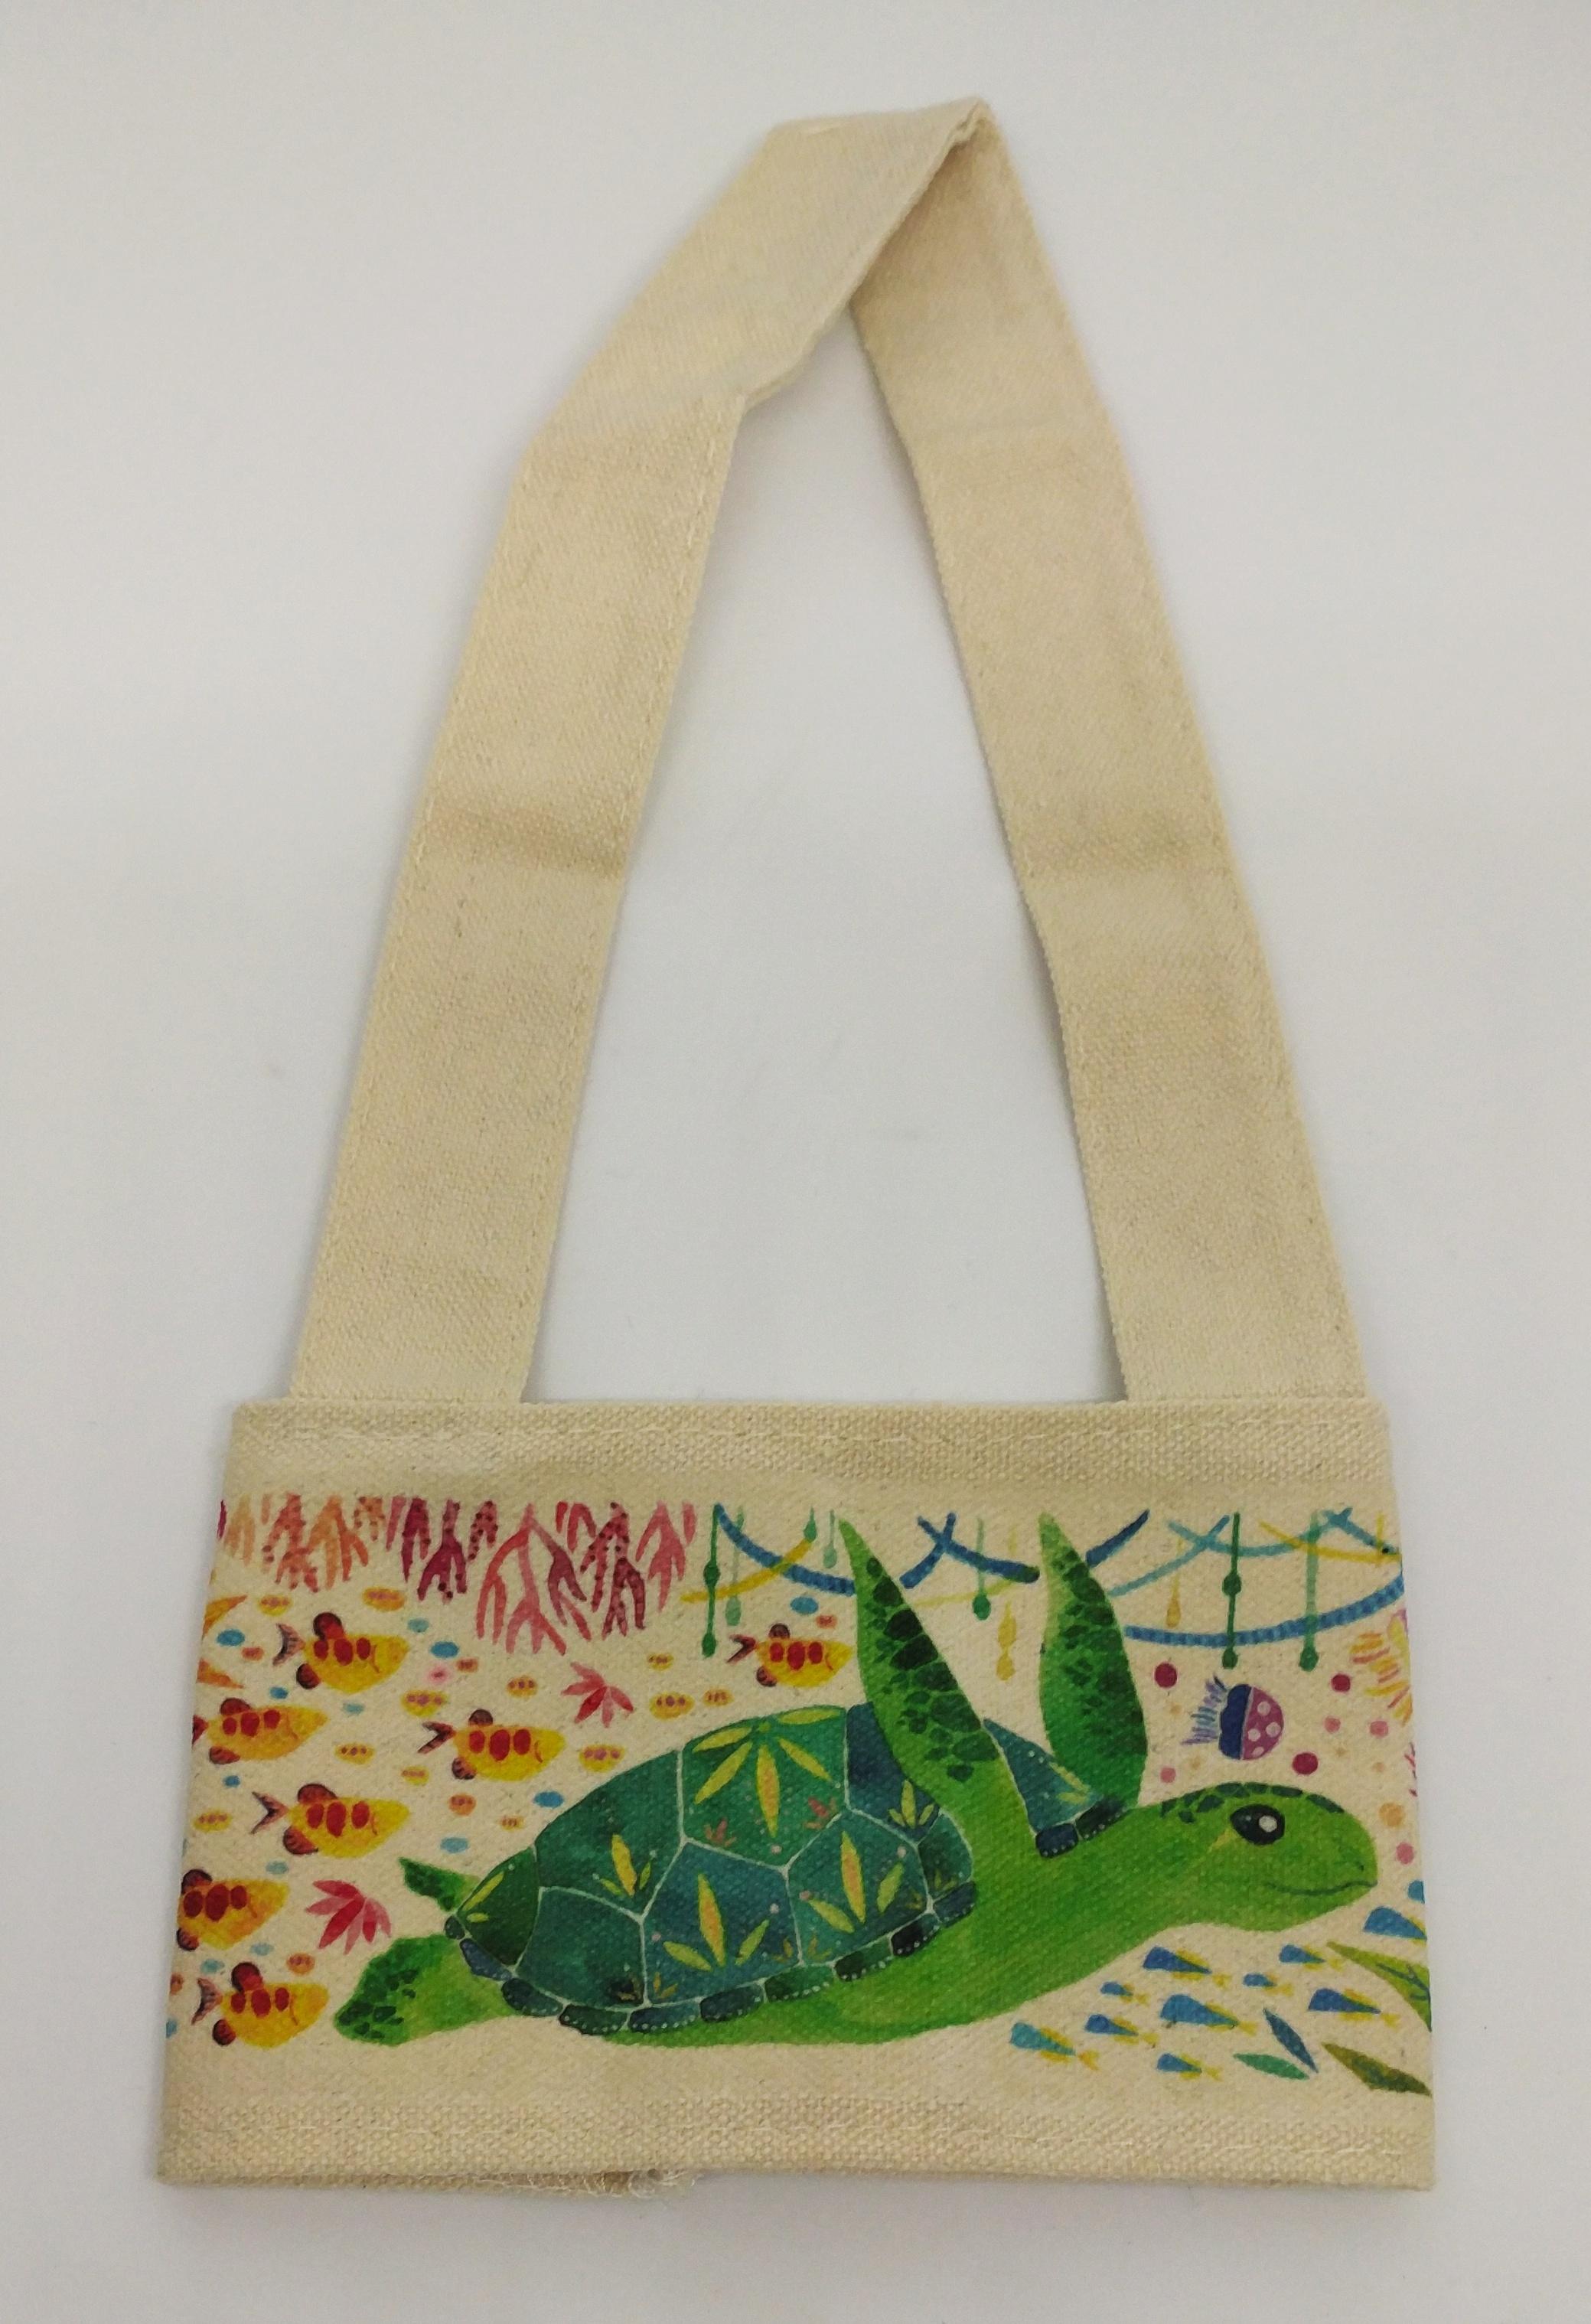 魚七分海龜飲料提袋